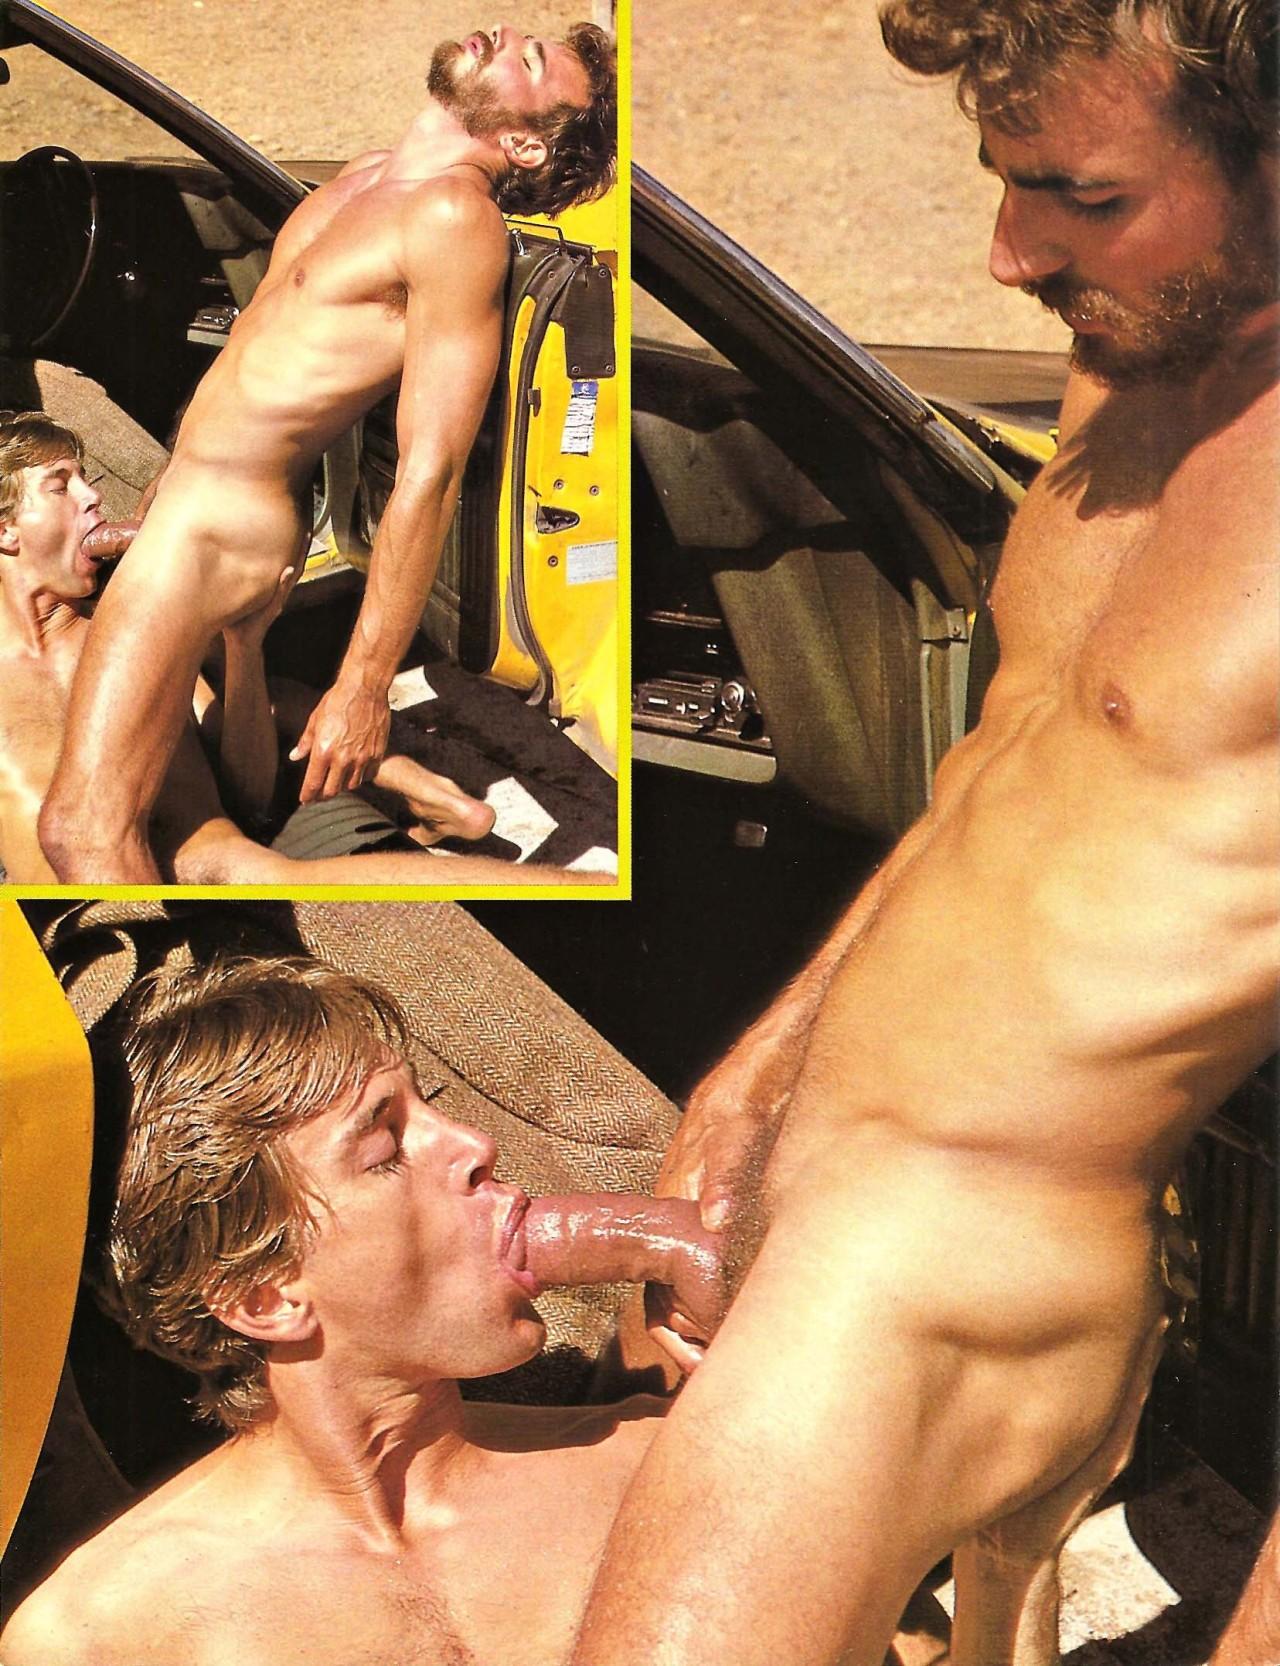 Al Parker bareback fuck Craig Ryan vintage gay hot daddy dude men porn Taxi Driver